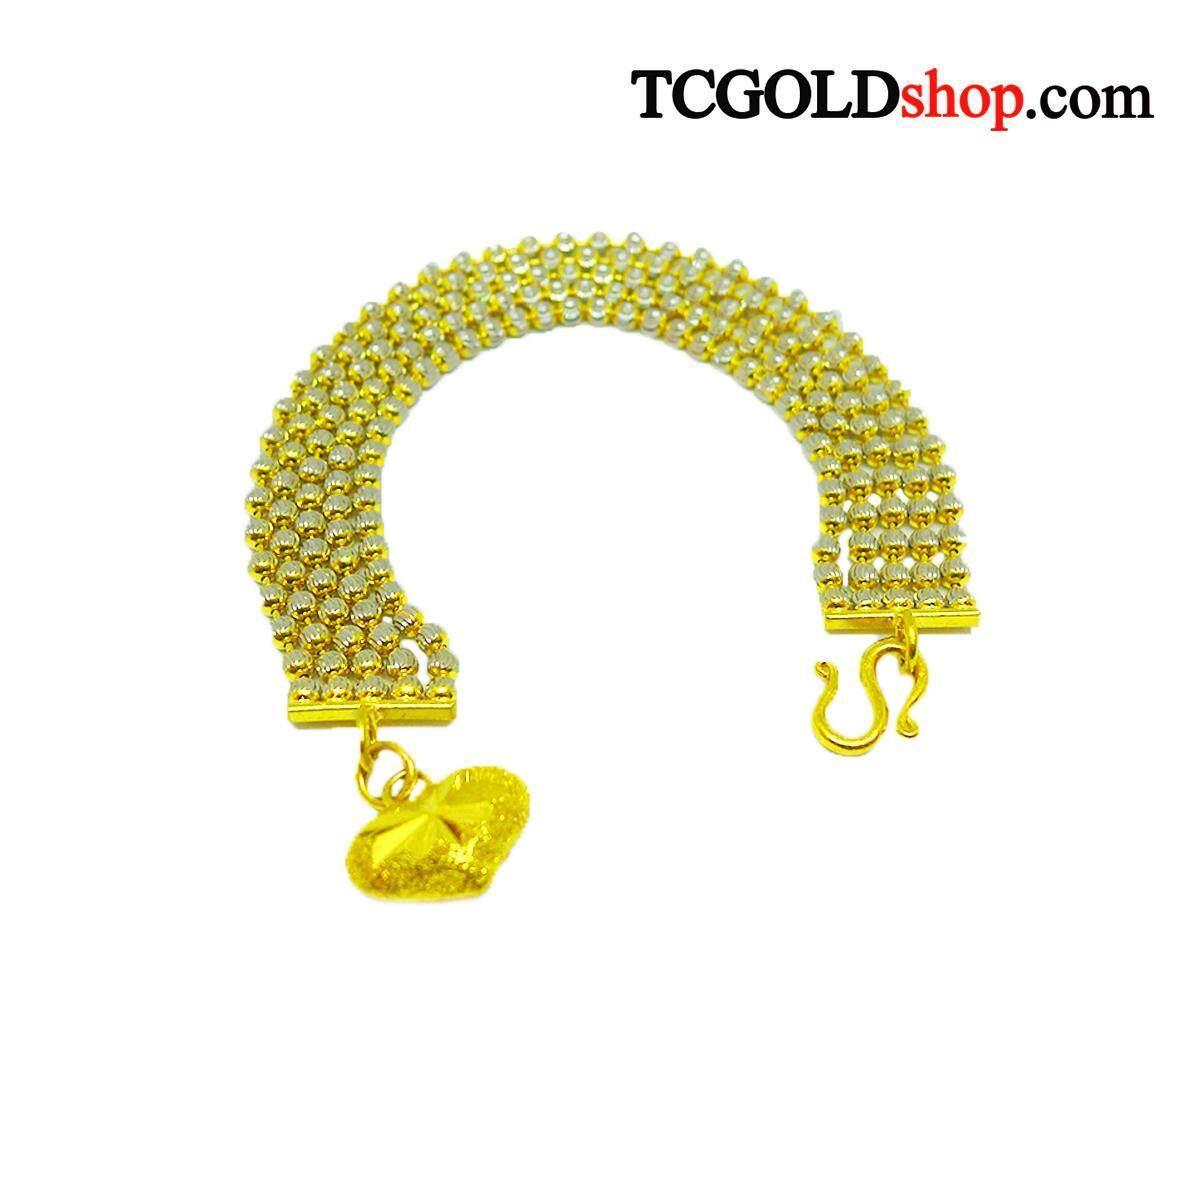 สร้อยข้อมือทองคำแท้ 96.5% นน.2 บาท ลายไพลินแถว 2 สี By Tc Gold Shop.